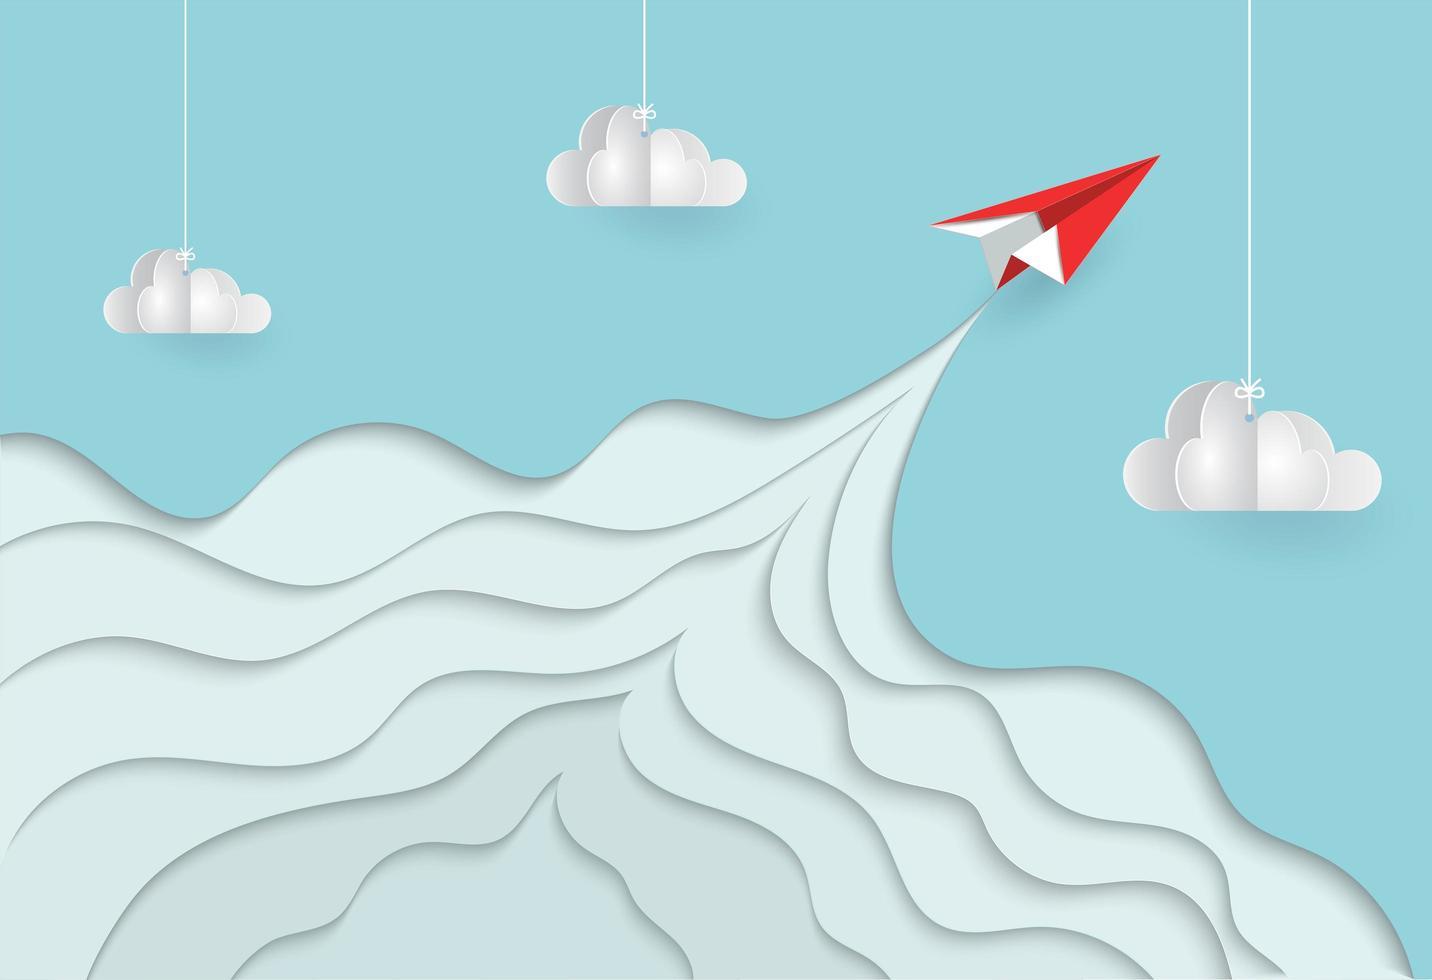 papieren vliegtuig vliegt in de lucht in papier gesneden stijl vector